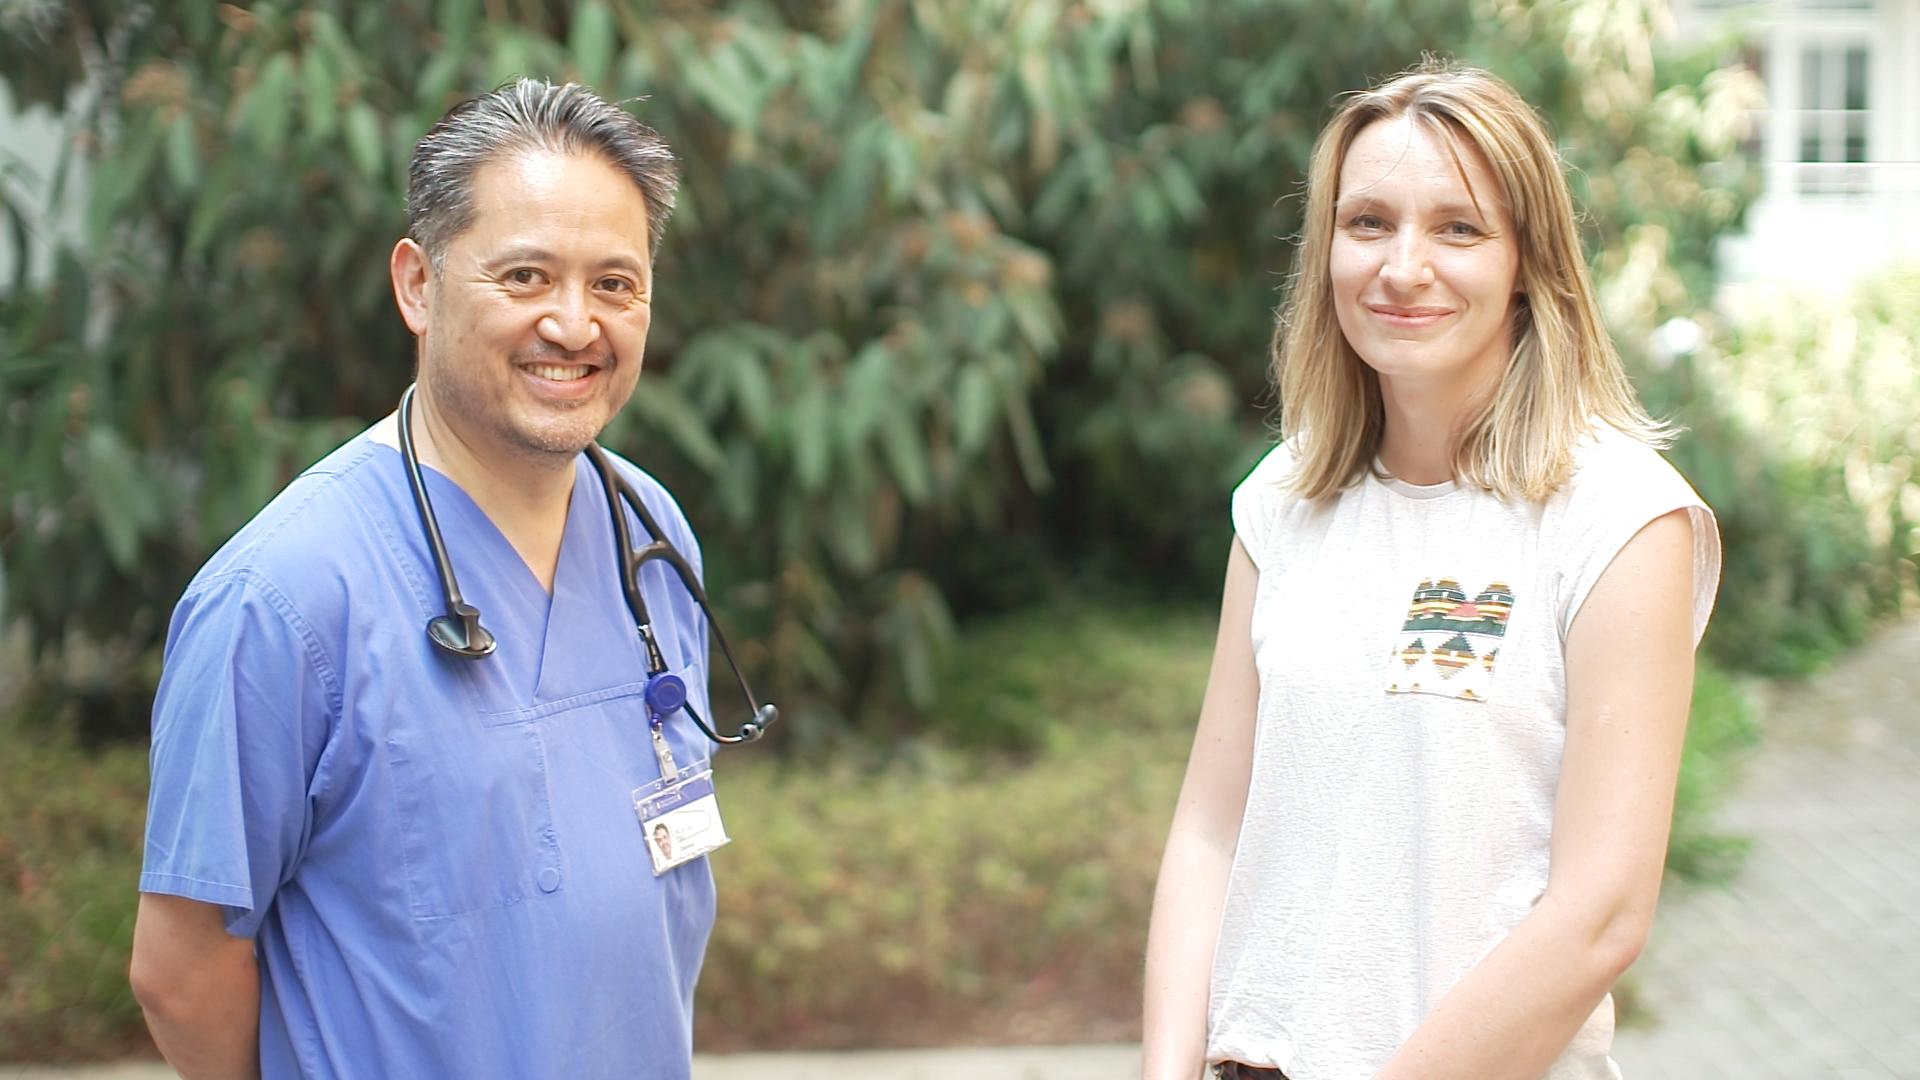 Dr. Jun Oh, Facharzt für Kinder- und Jugendmedizin am UKE und Katharina Sobolewski, die das Projekt der Lilli Korb Stiftung am Nierenzentrum maßgeblich durchführt.